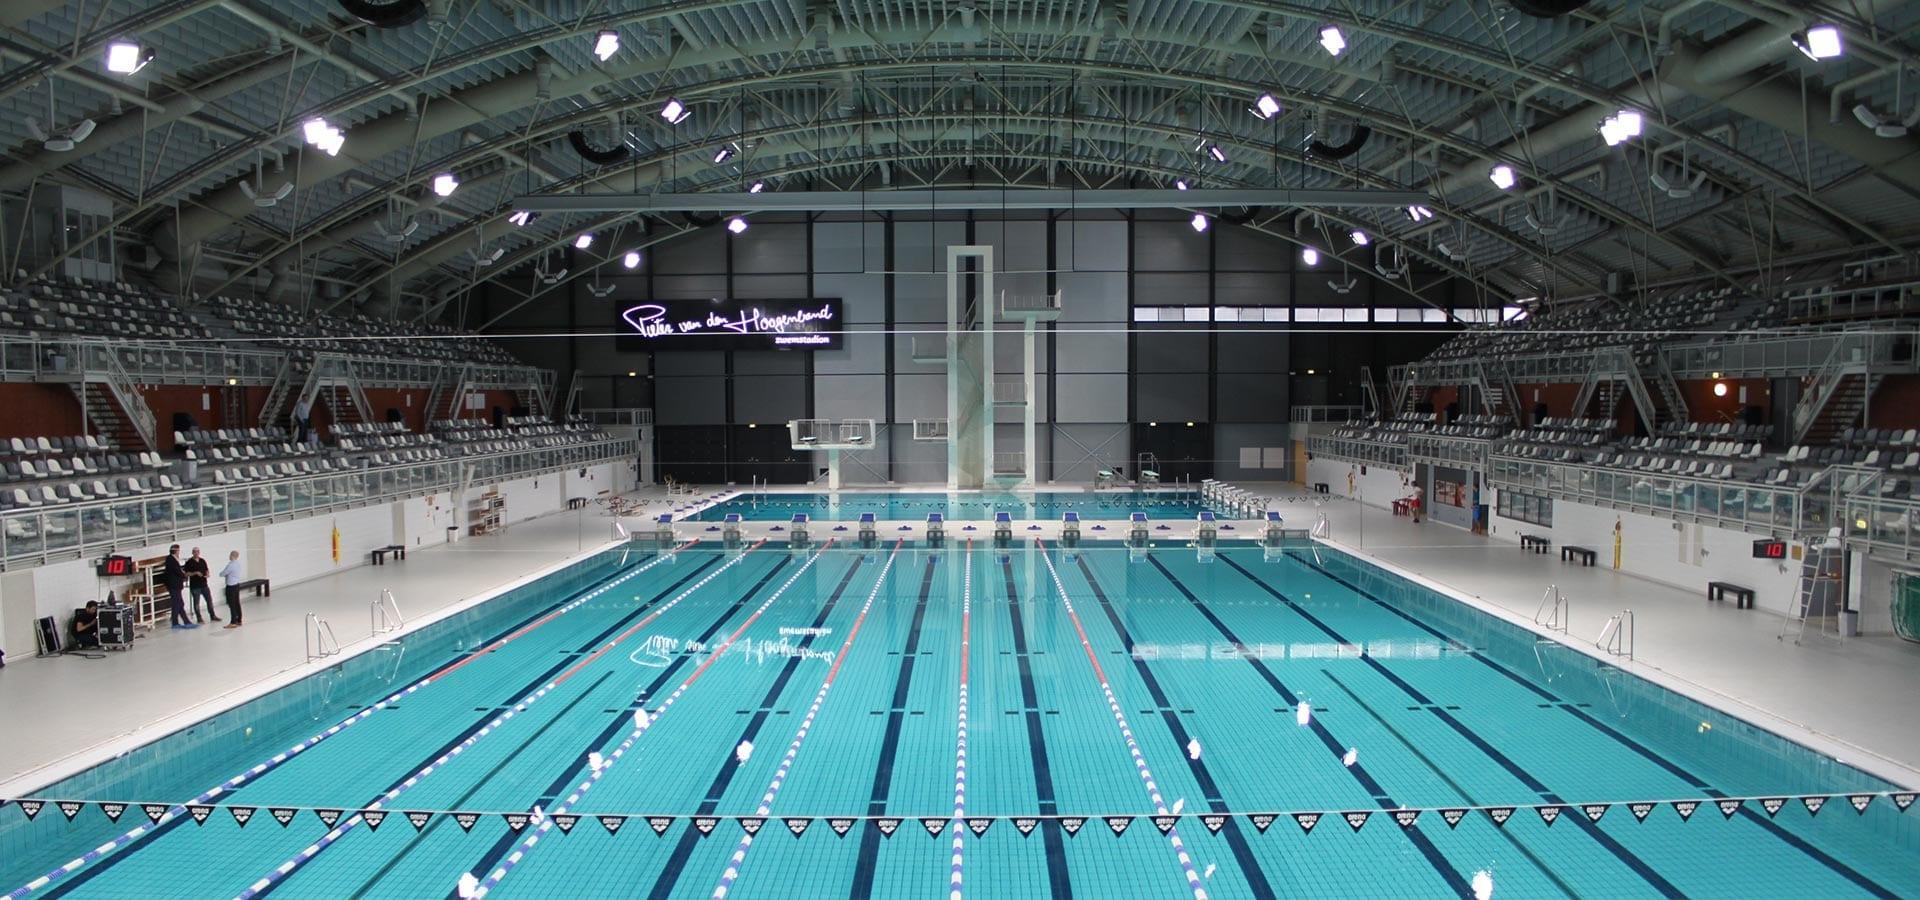 Pieter van den Hoogenband zwembad